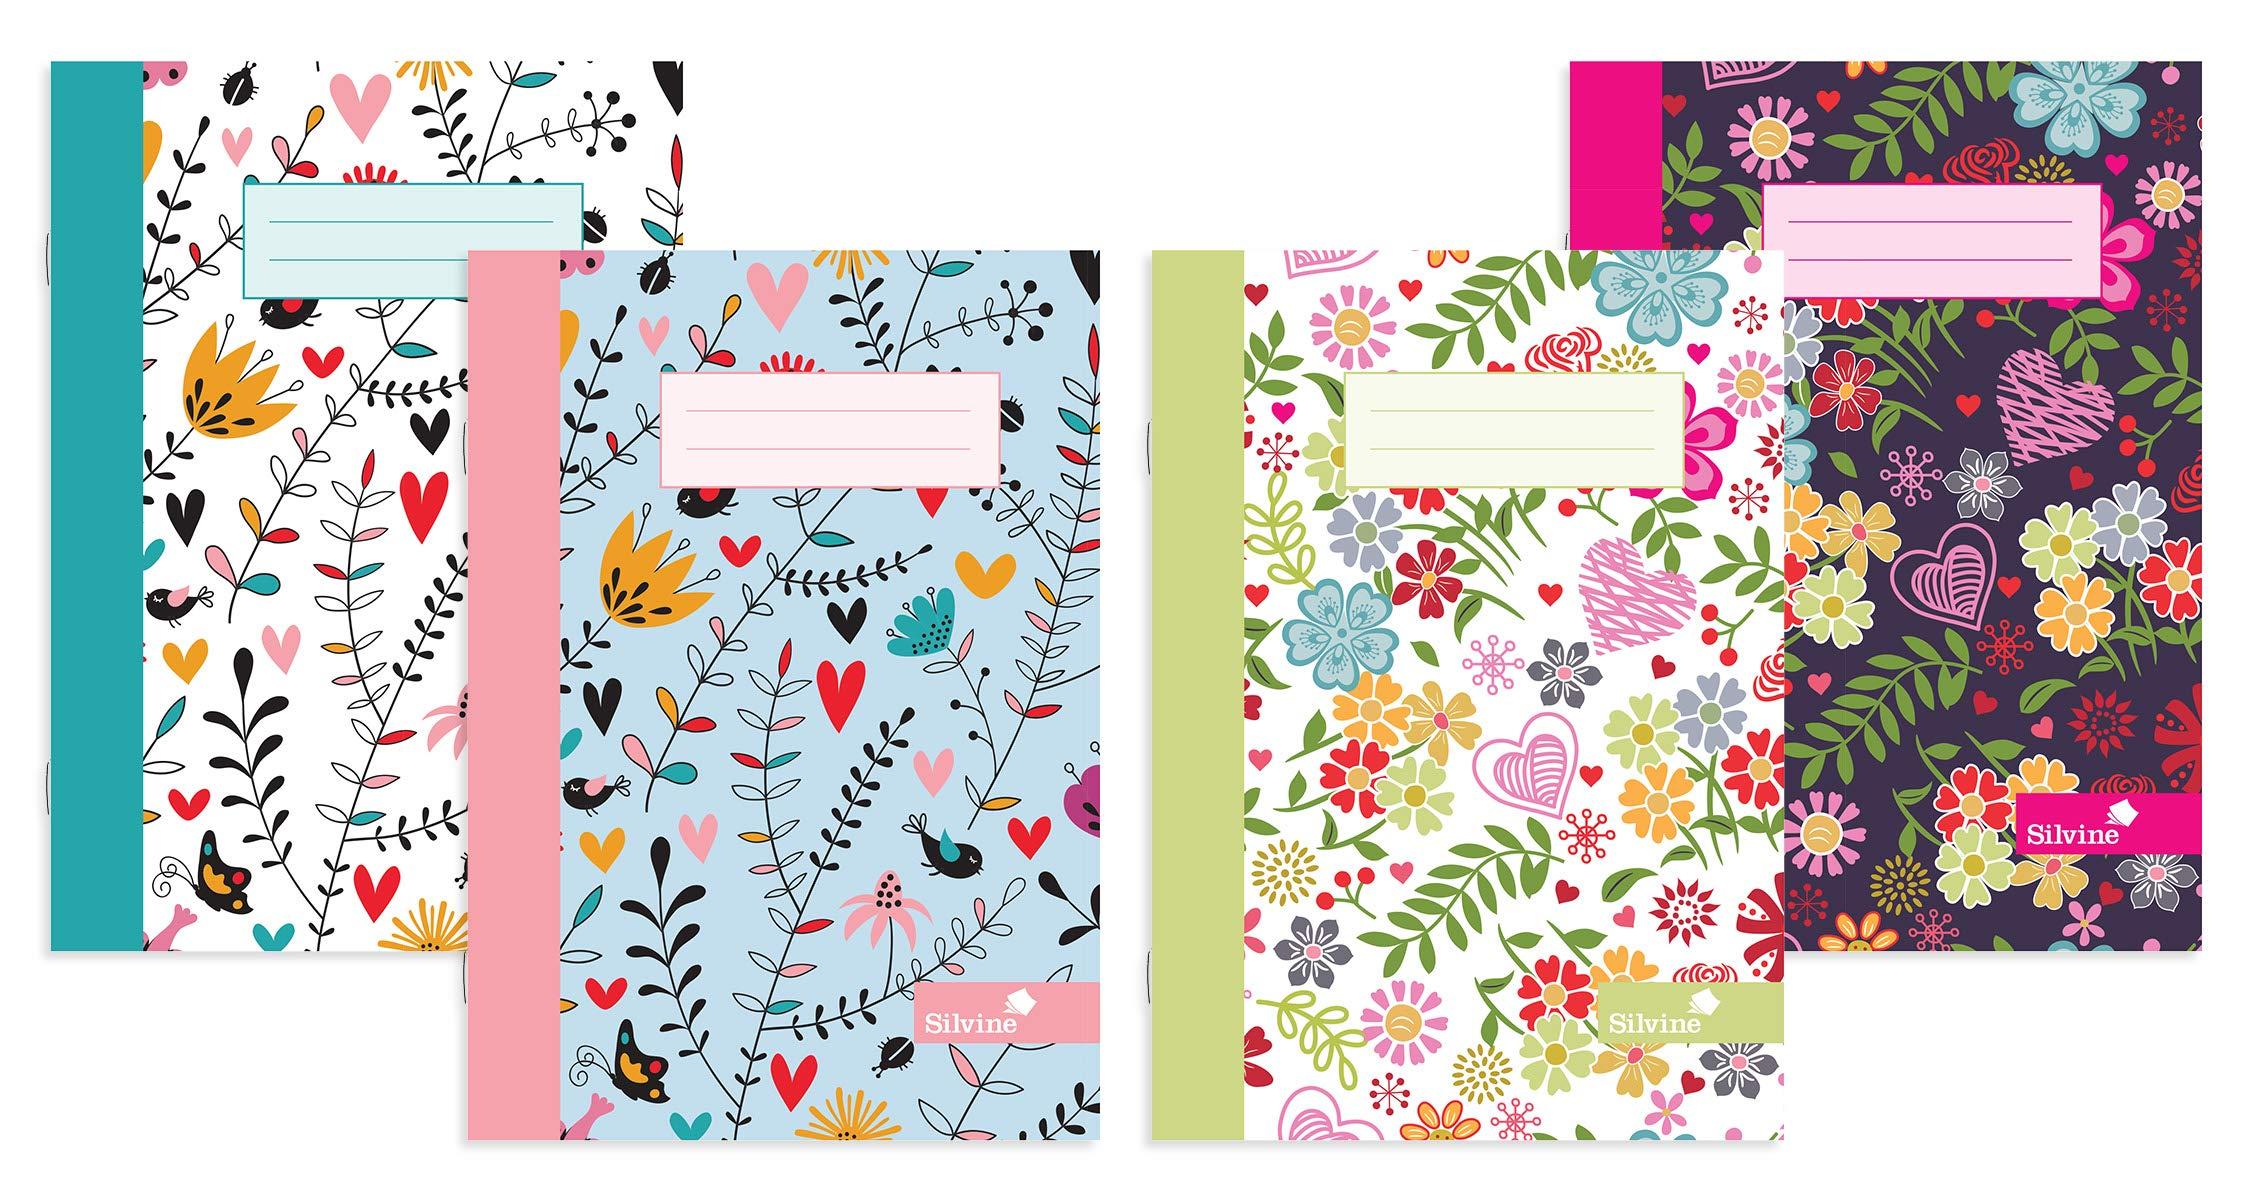 Silvine - Cuaderno (A5, 4 unidades), diseño de Marlene West 80 páginas, forradas con margen. Ref NBA5MW - Pack de 12: Amazon.es: Oficina y papelería